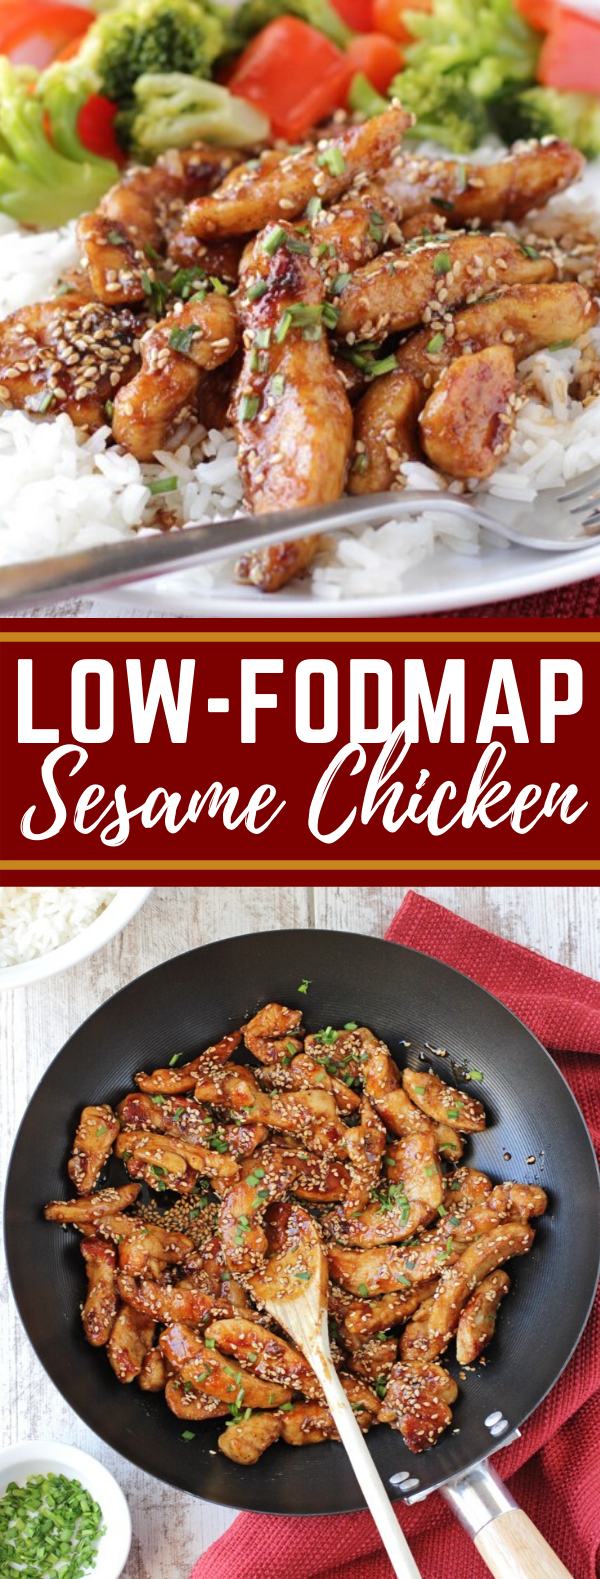 Low-FODMAP Sesame Chicken #healthy #glutenfree